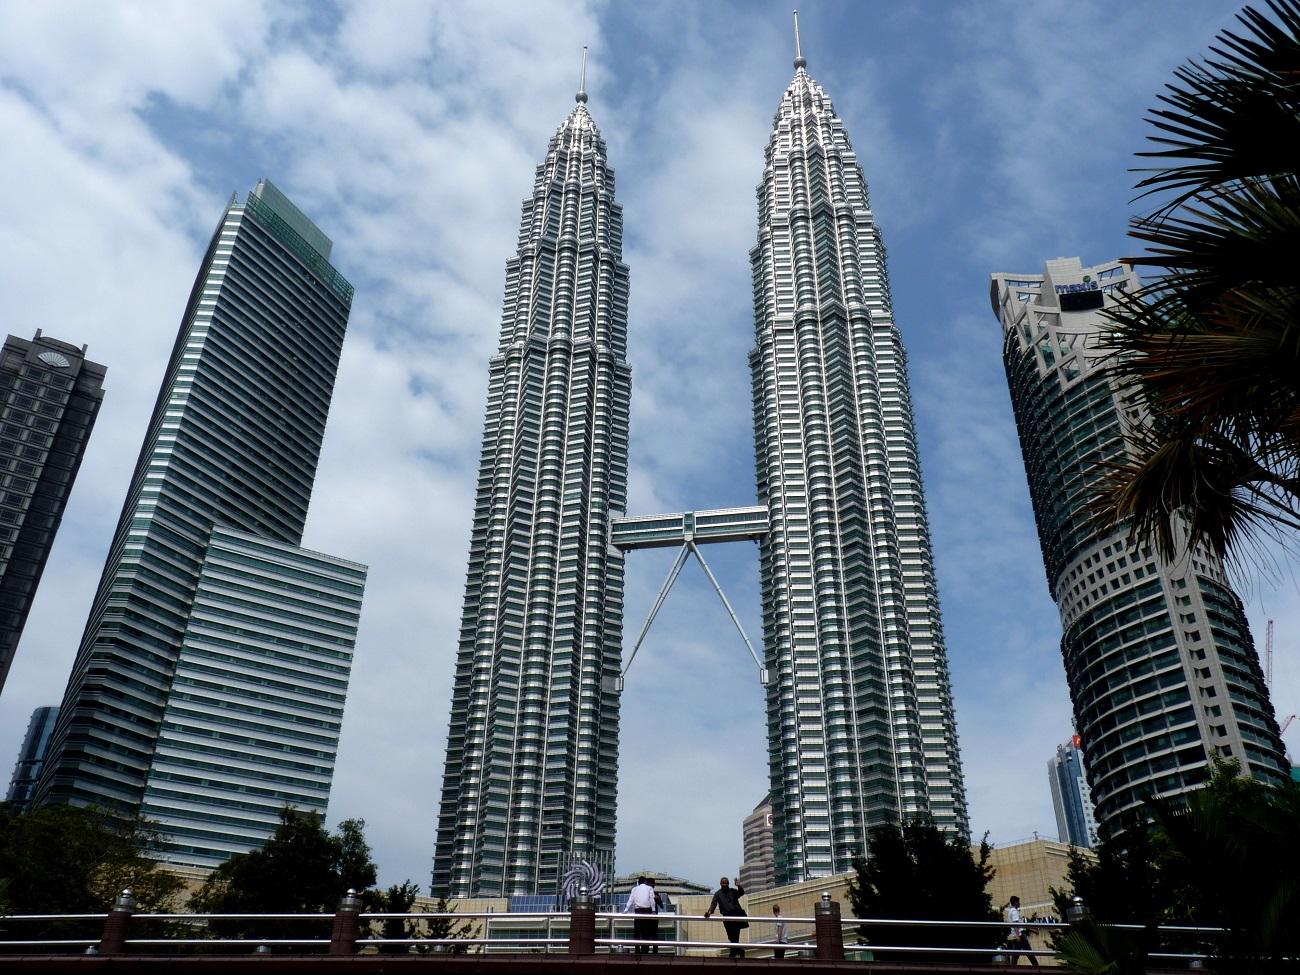 Turnurile Petronas, imaginea surprinde detaliile arhitecturale ale clădirilor